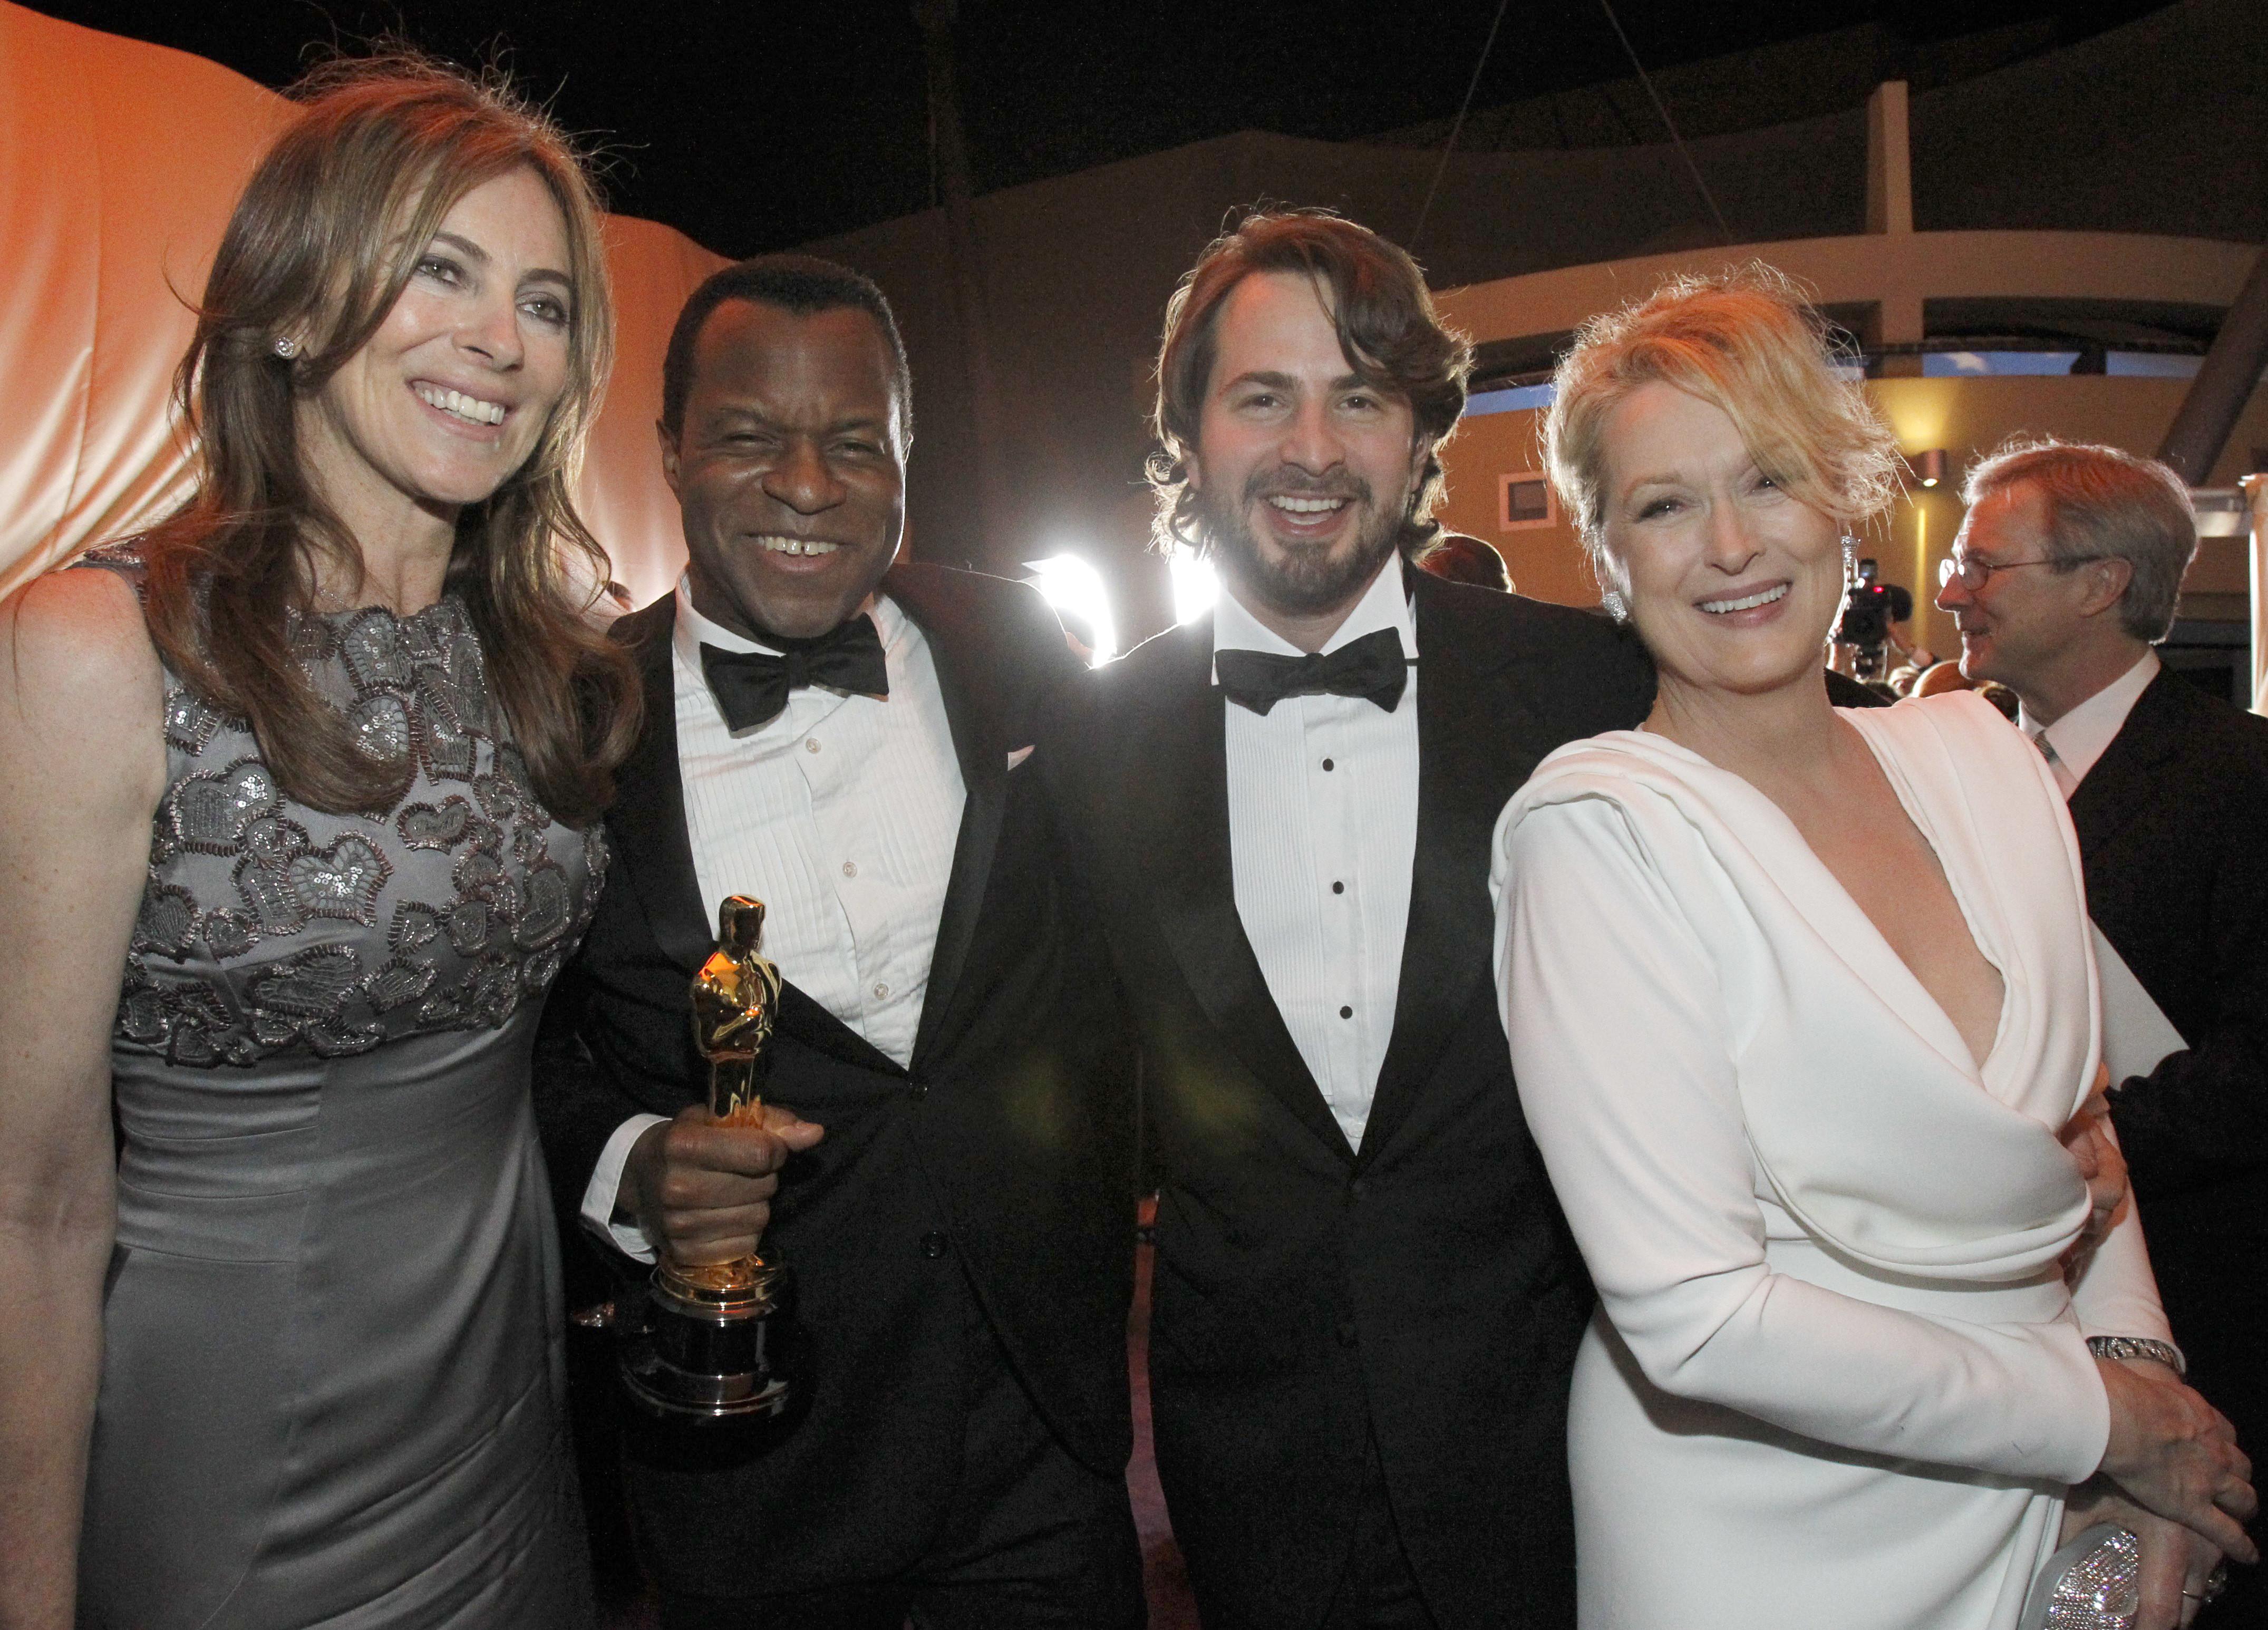 Oscar winners, director Katheryn Bigelow (L) for the film